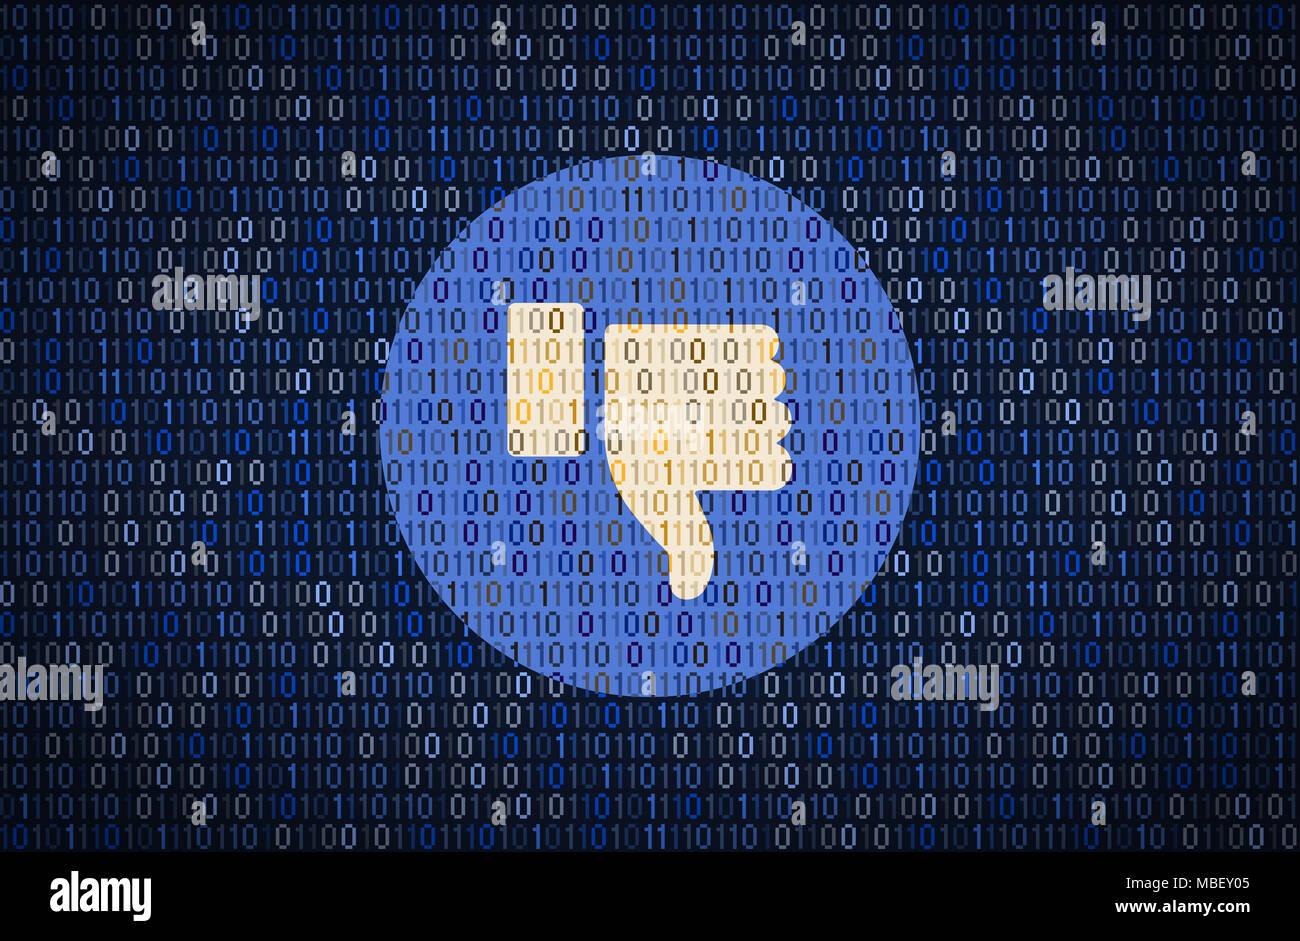 GALATI, Rumania - 10 de abril de 2018: Facebook pulgar abajo cuestiones de seguridad y privacidad. Concepto de encriptación de datos Imagen De Stock